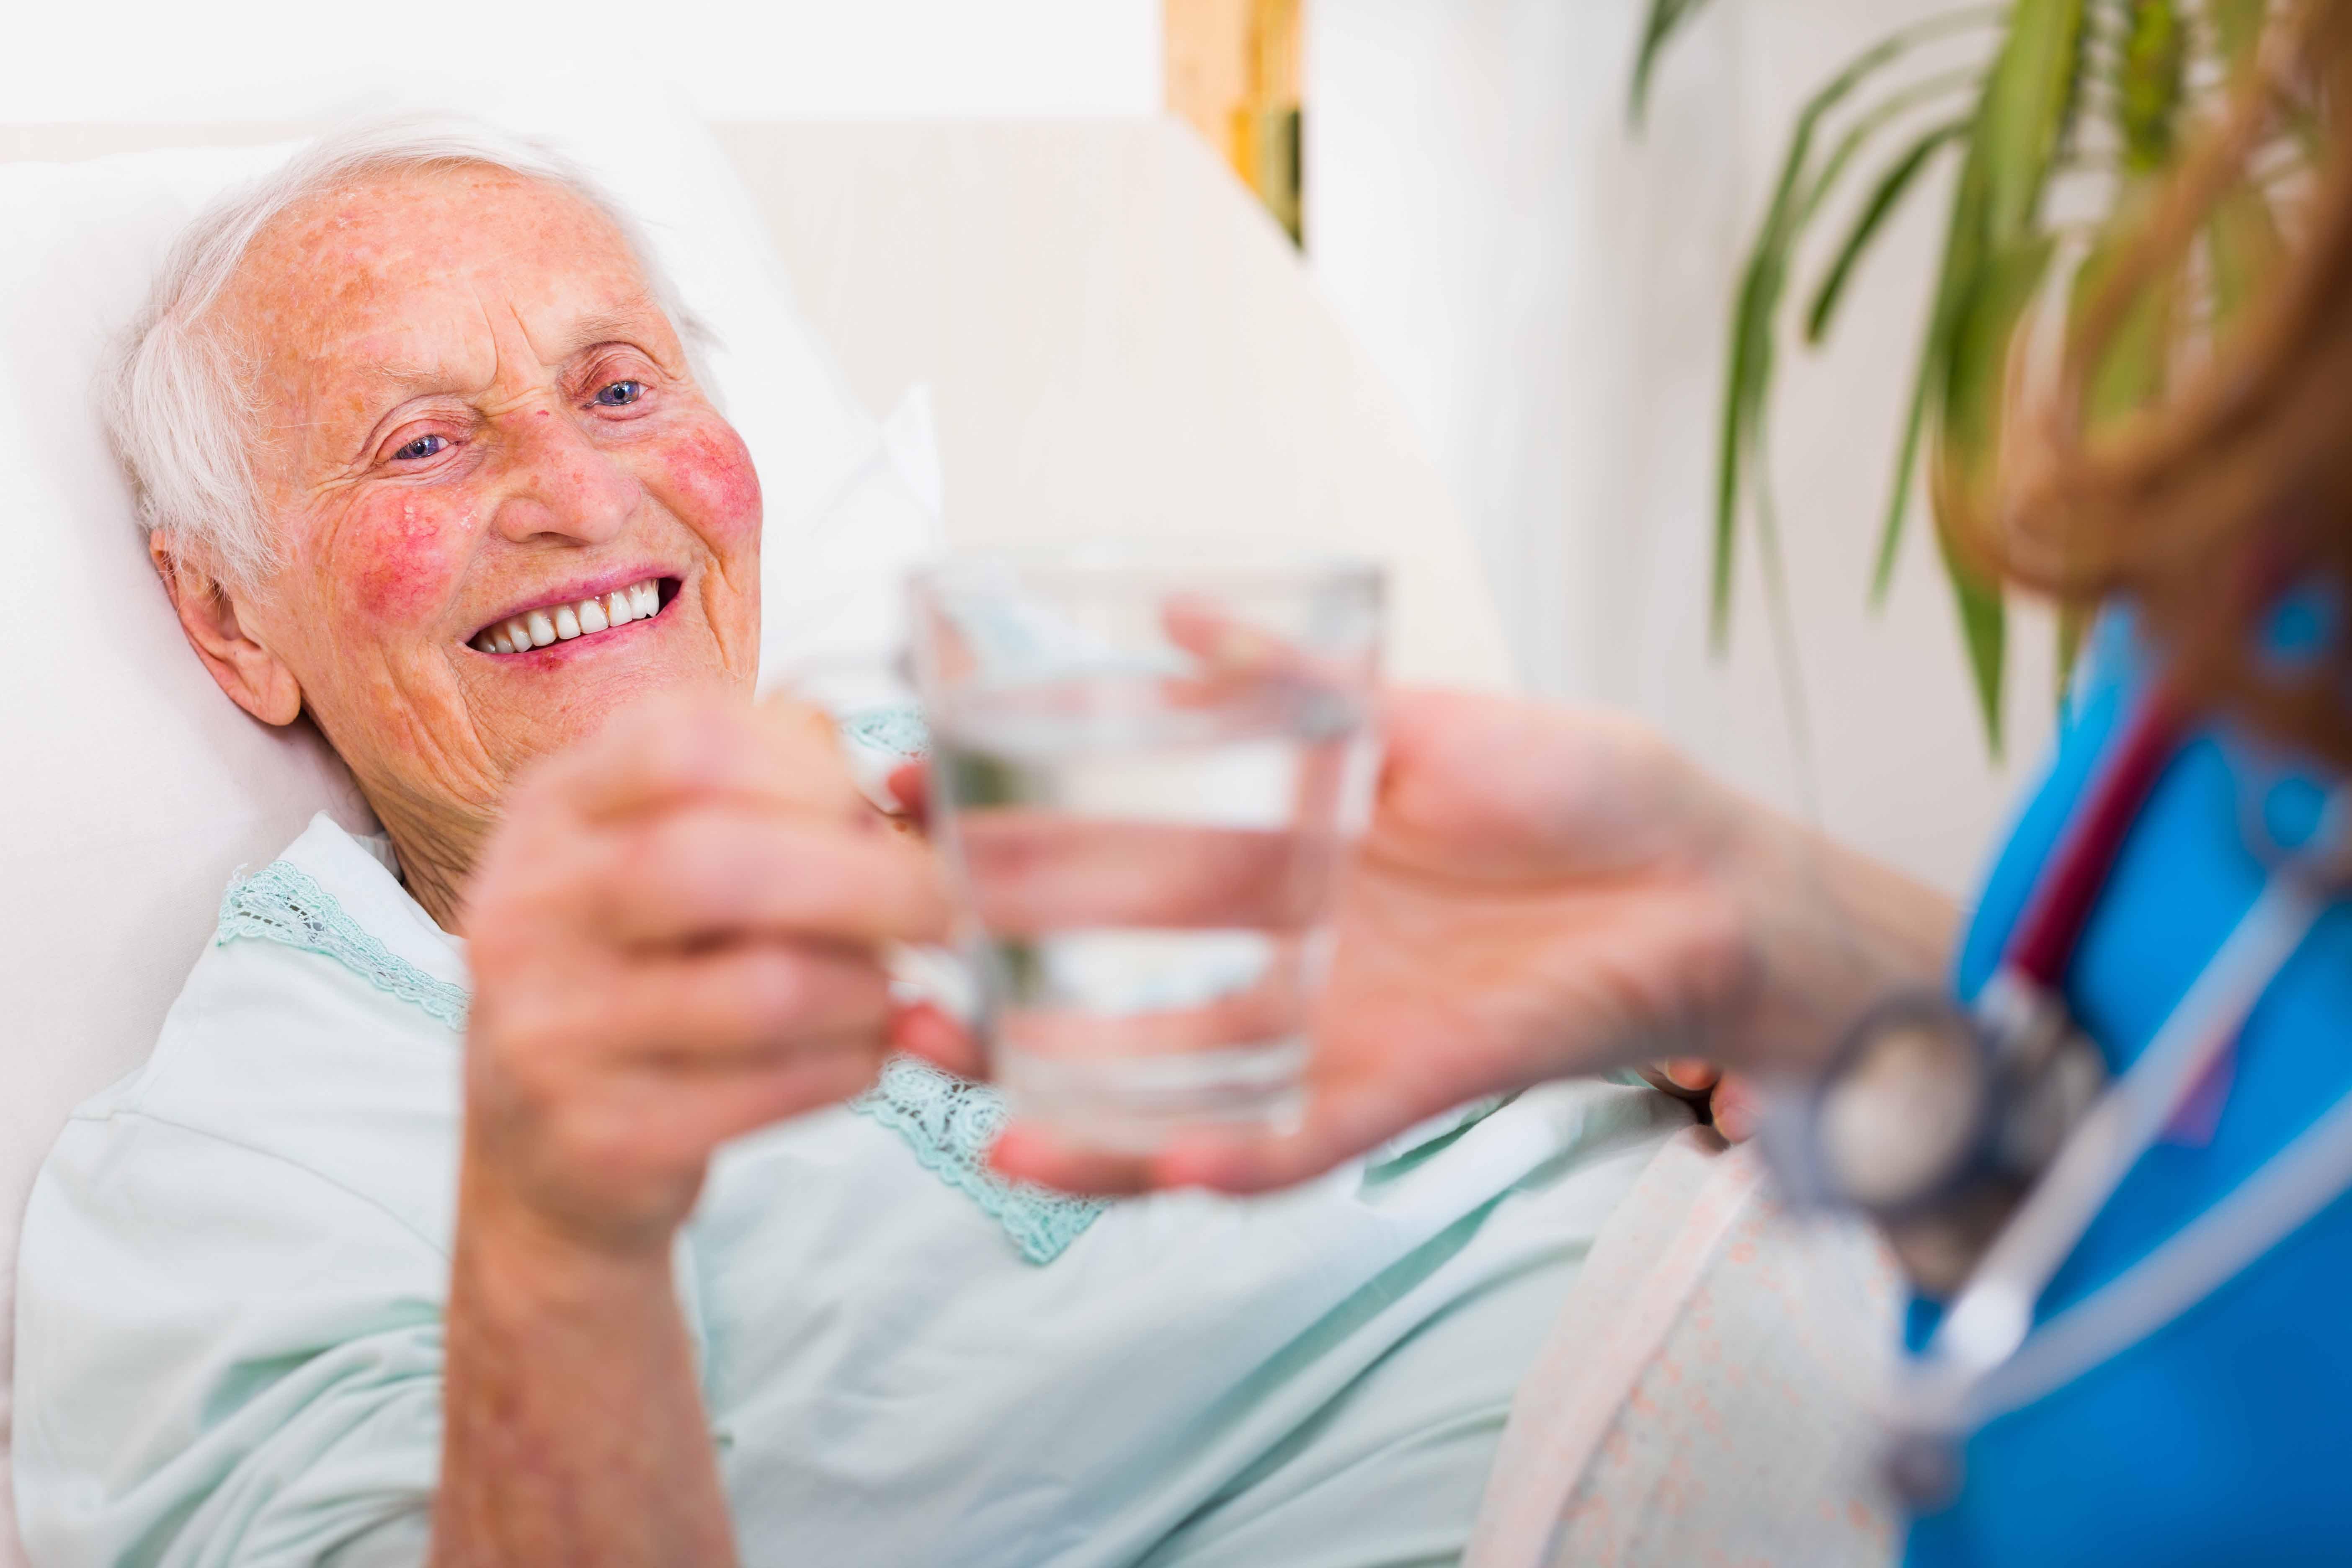 anwendungen/Trinkwasser/tovasan-trinkwasser-gegen-legionellen.jpg